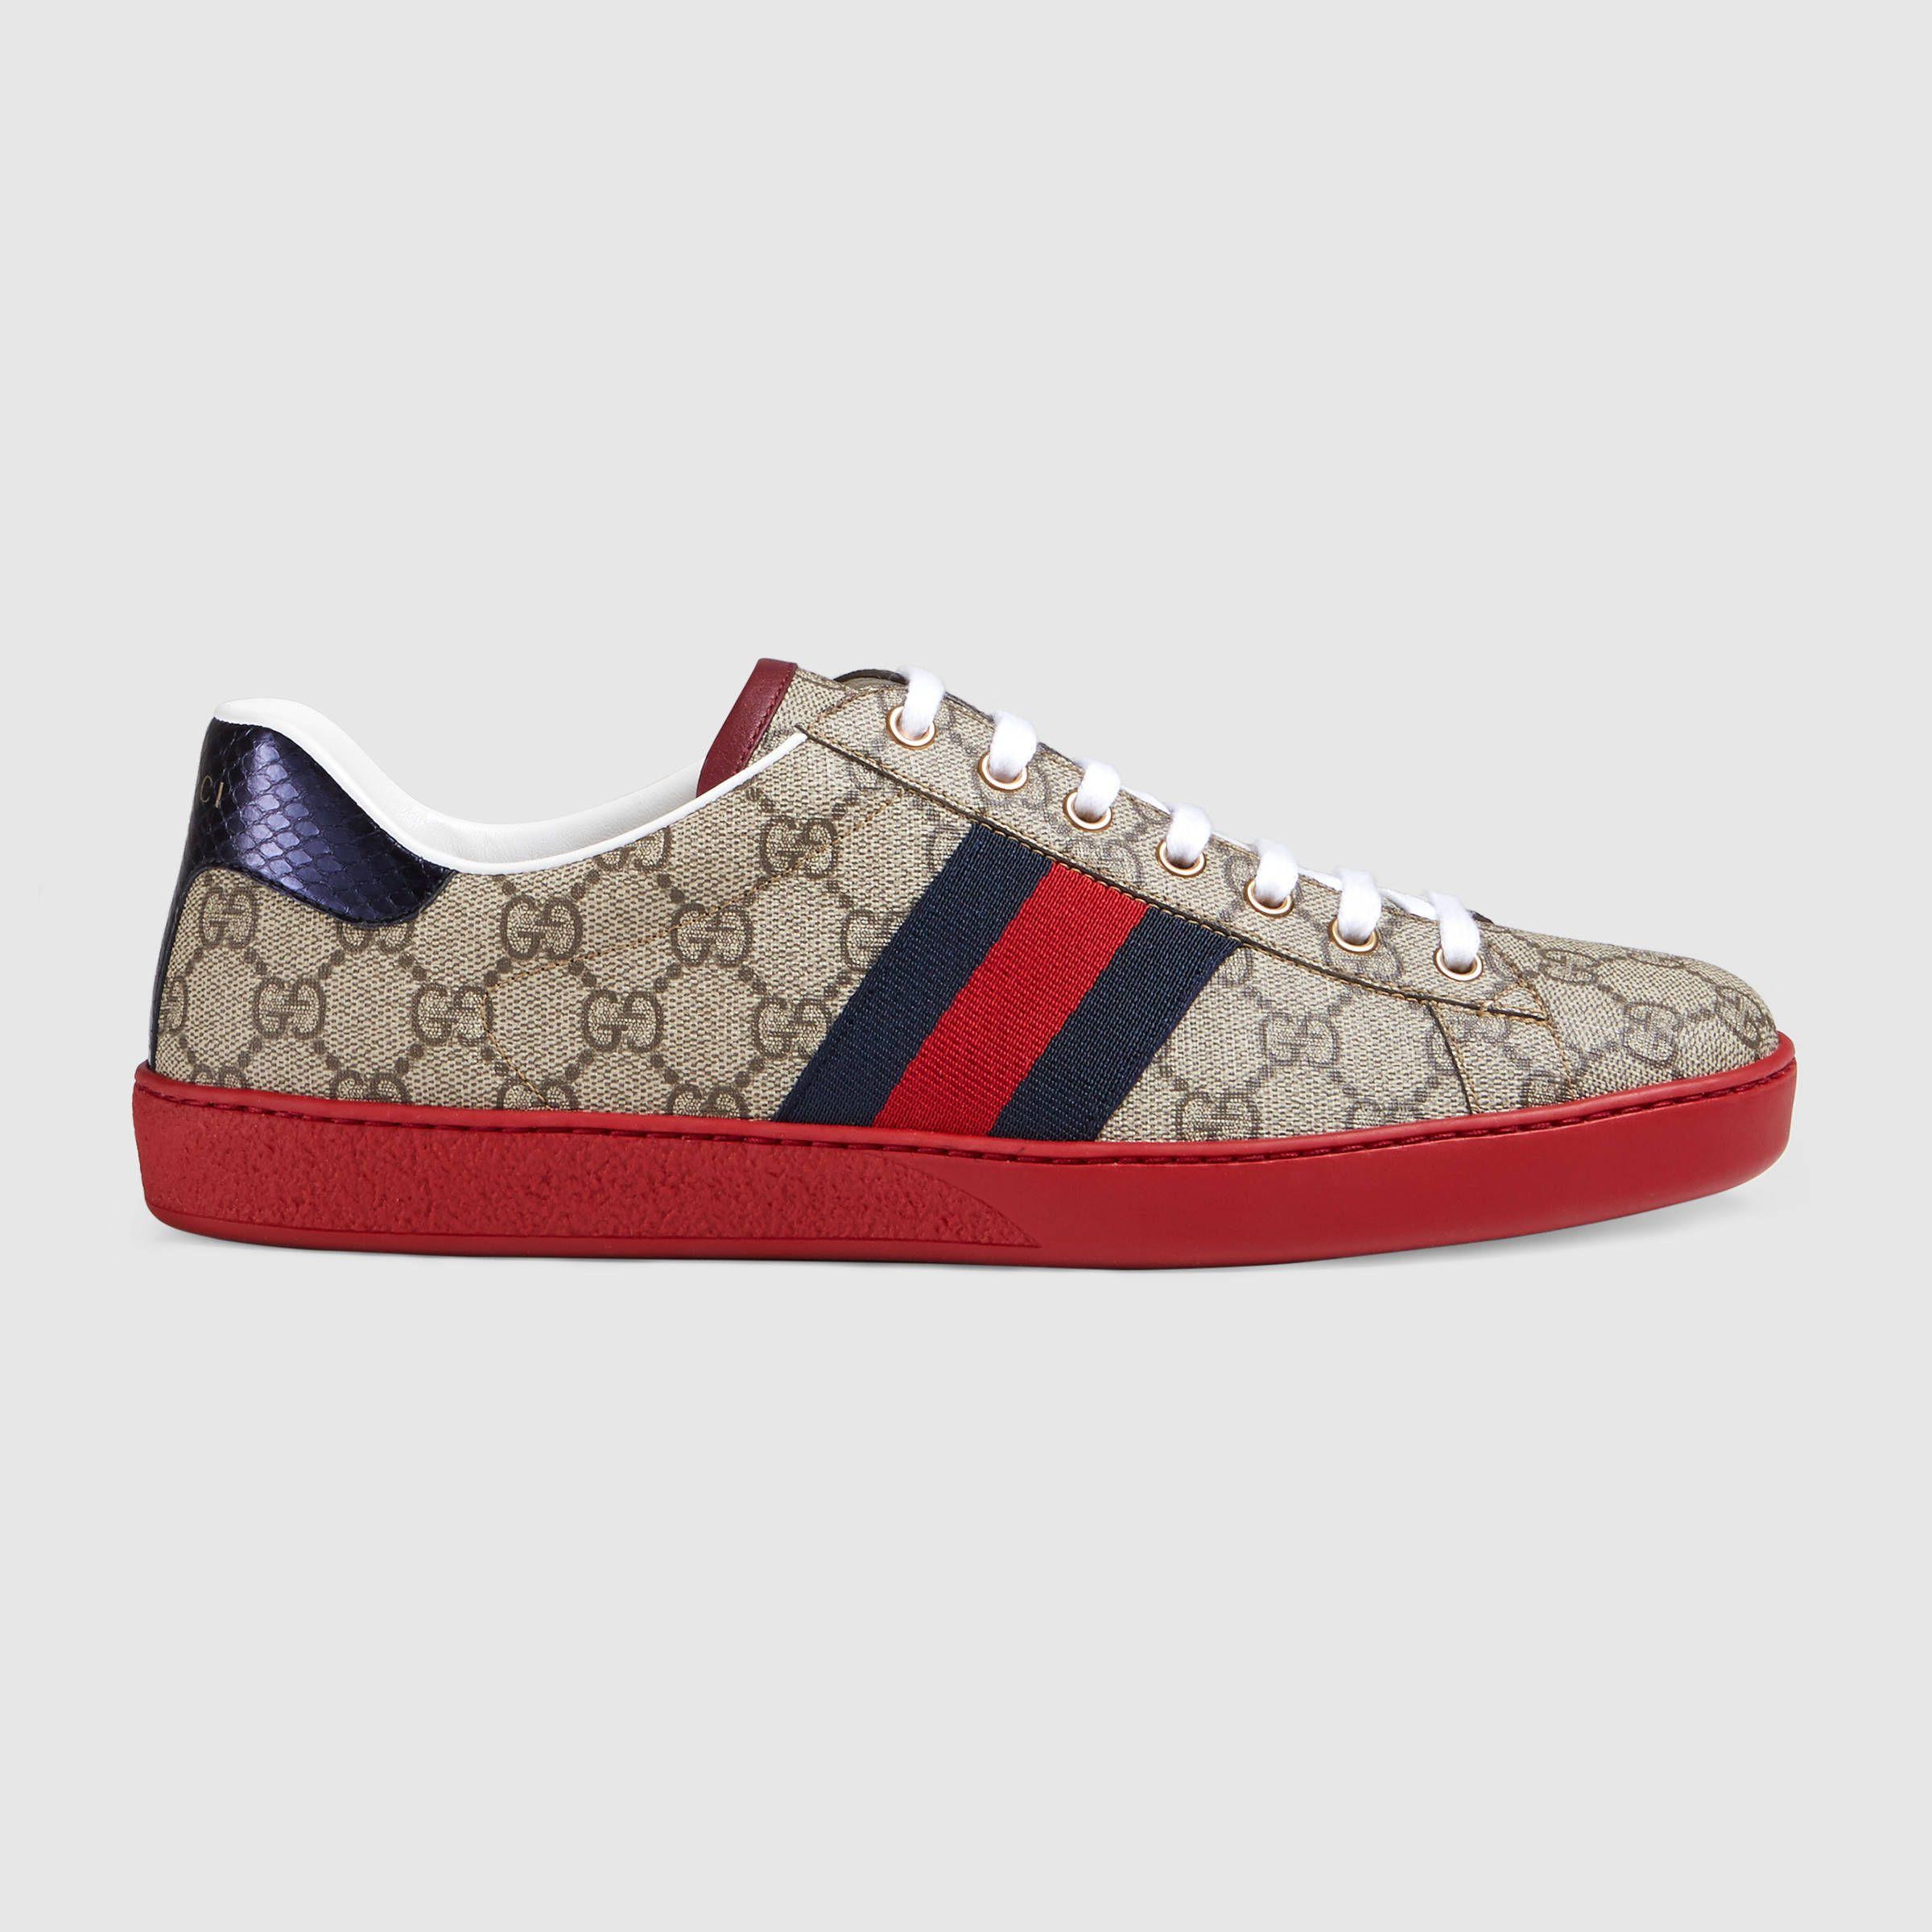 Gucci Sneakers Bordeaux Red Shoes For Men Online-Shop